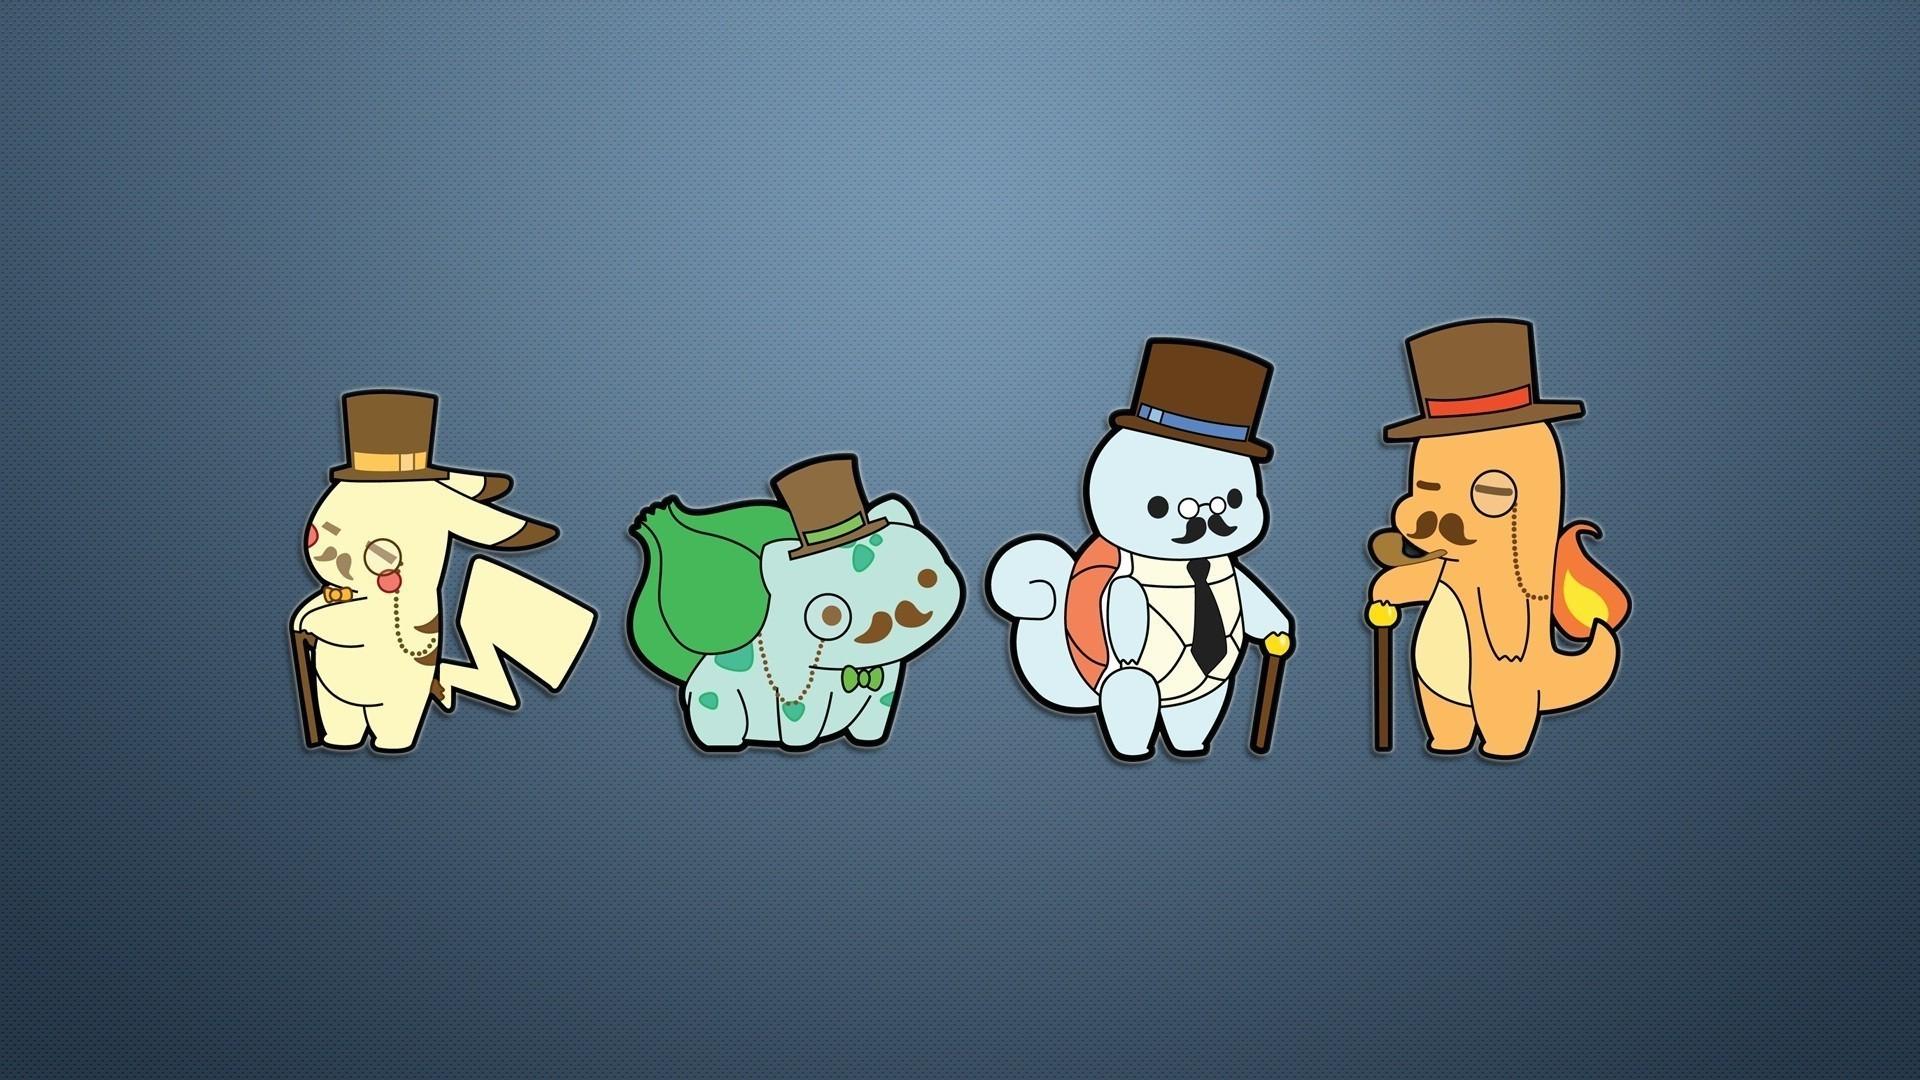 Cute Pokemon Wallpapers